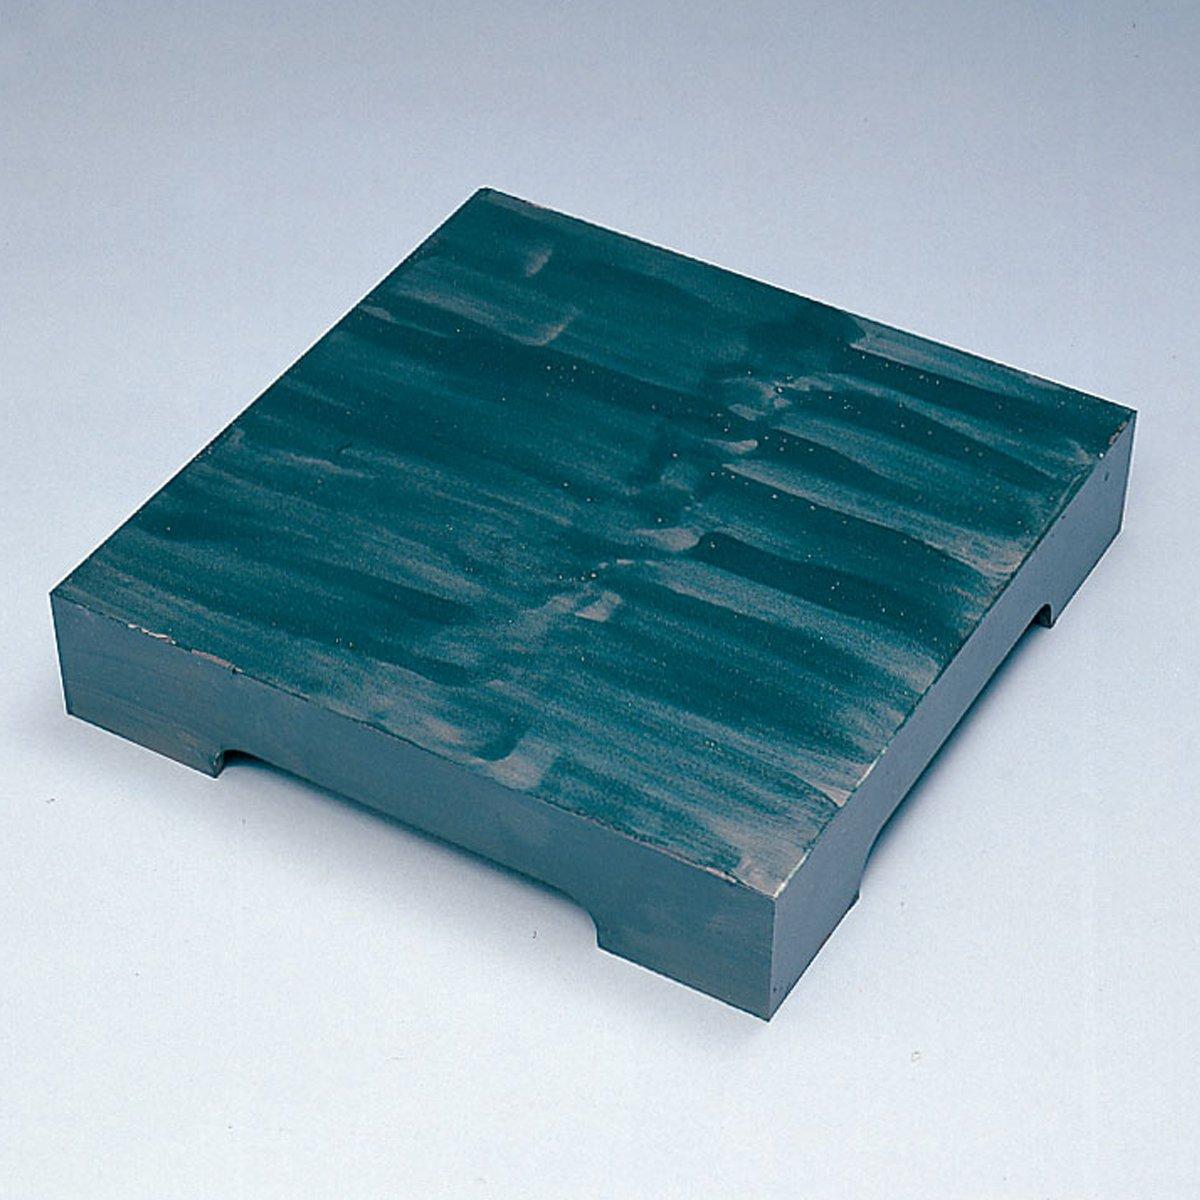 金工定盤 鋳物 箱型機械仕上げ 大 350x400mm 大  B01N37FCBD